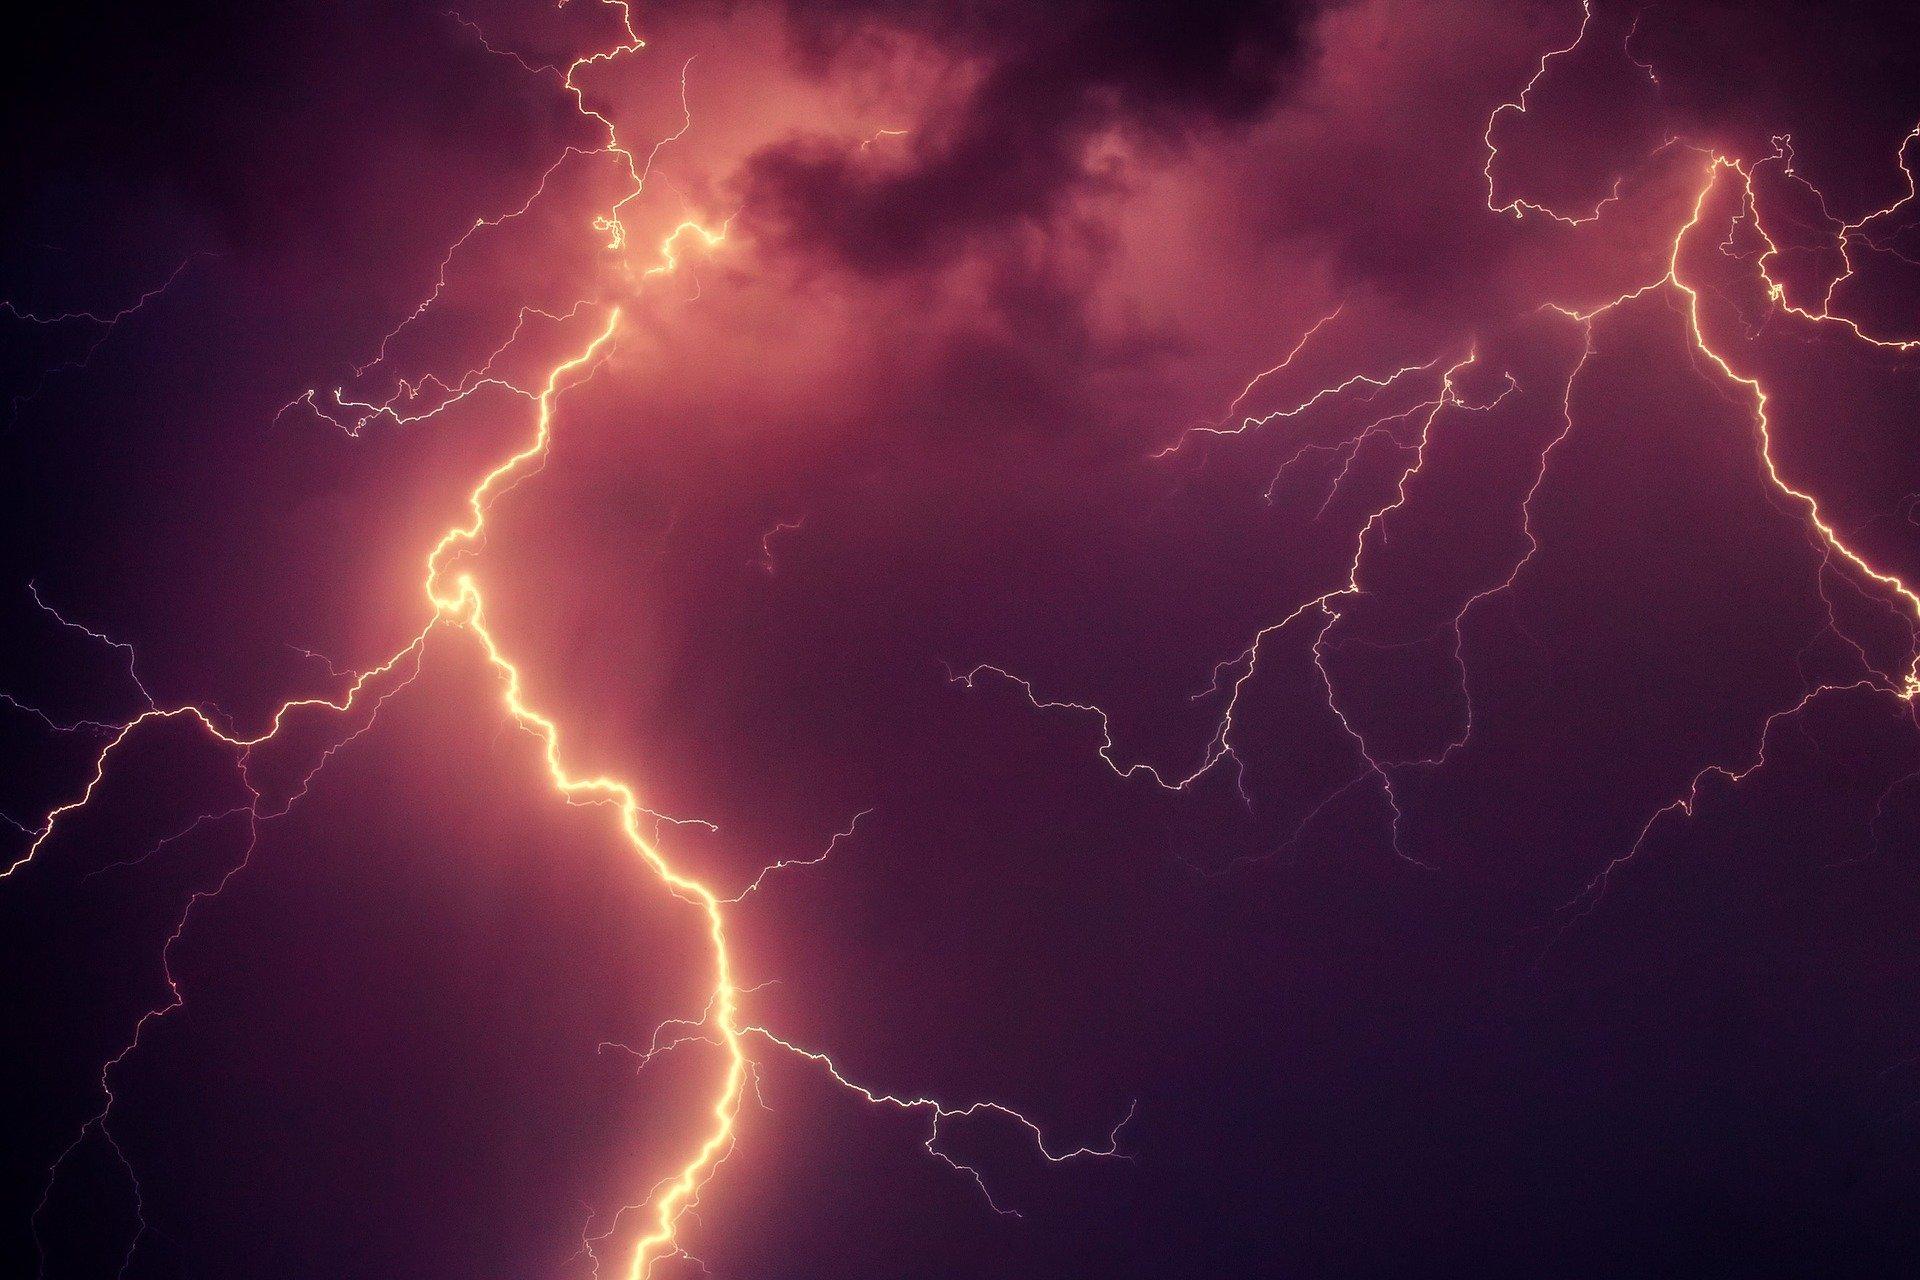 20 июля в Марий Эл ожидаются грозы с ливнем и градом